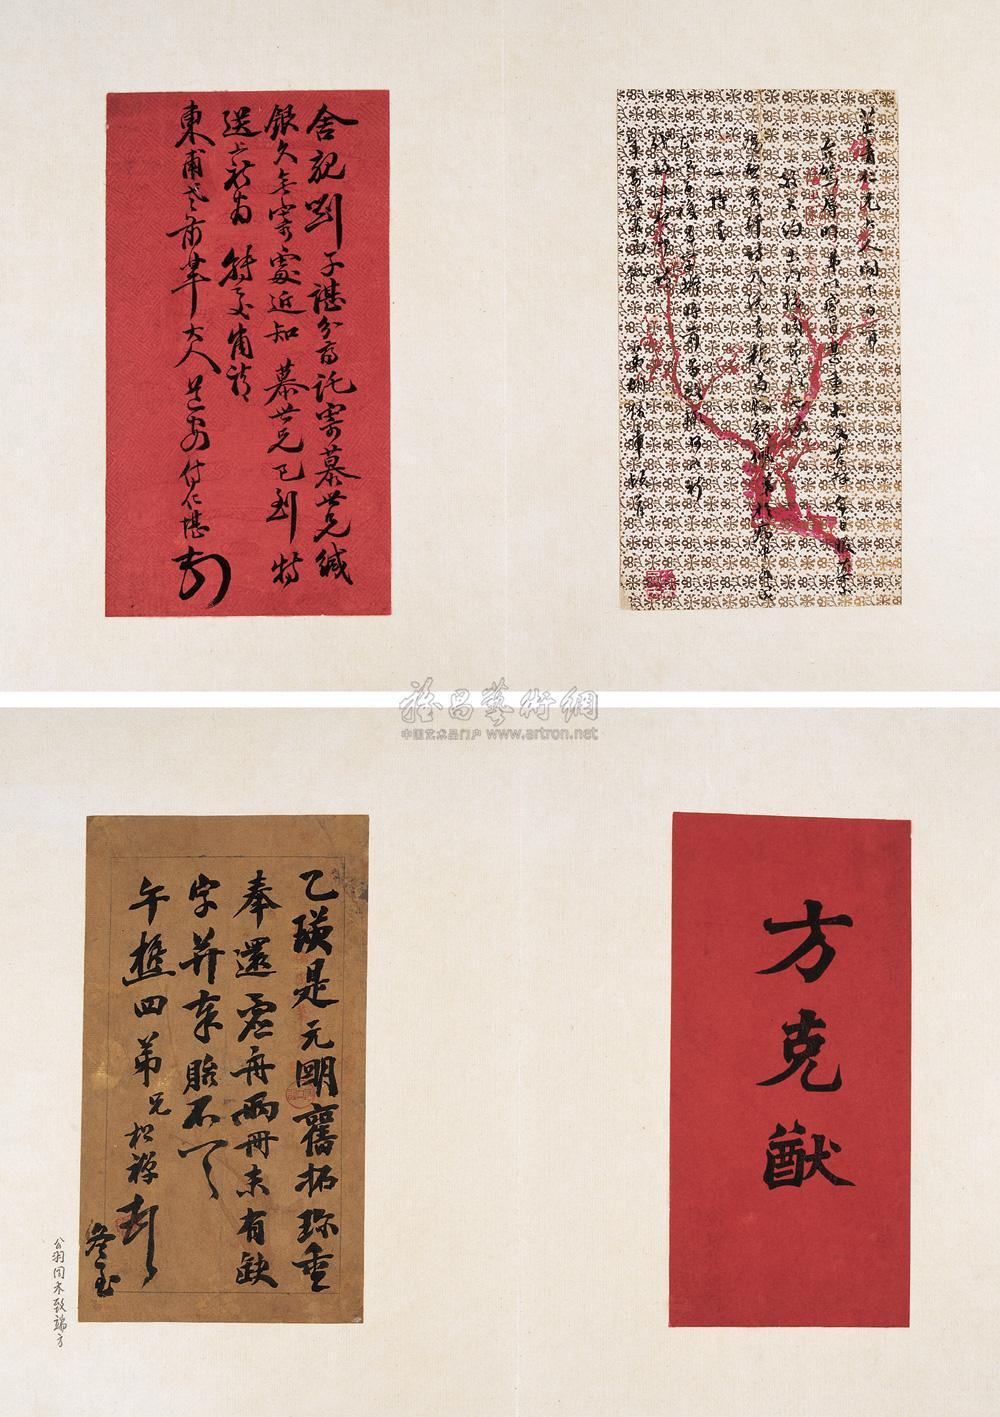 徐鹤龄书籍